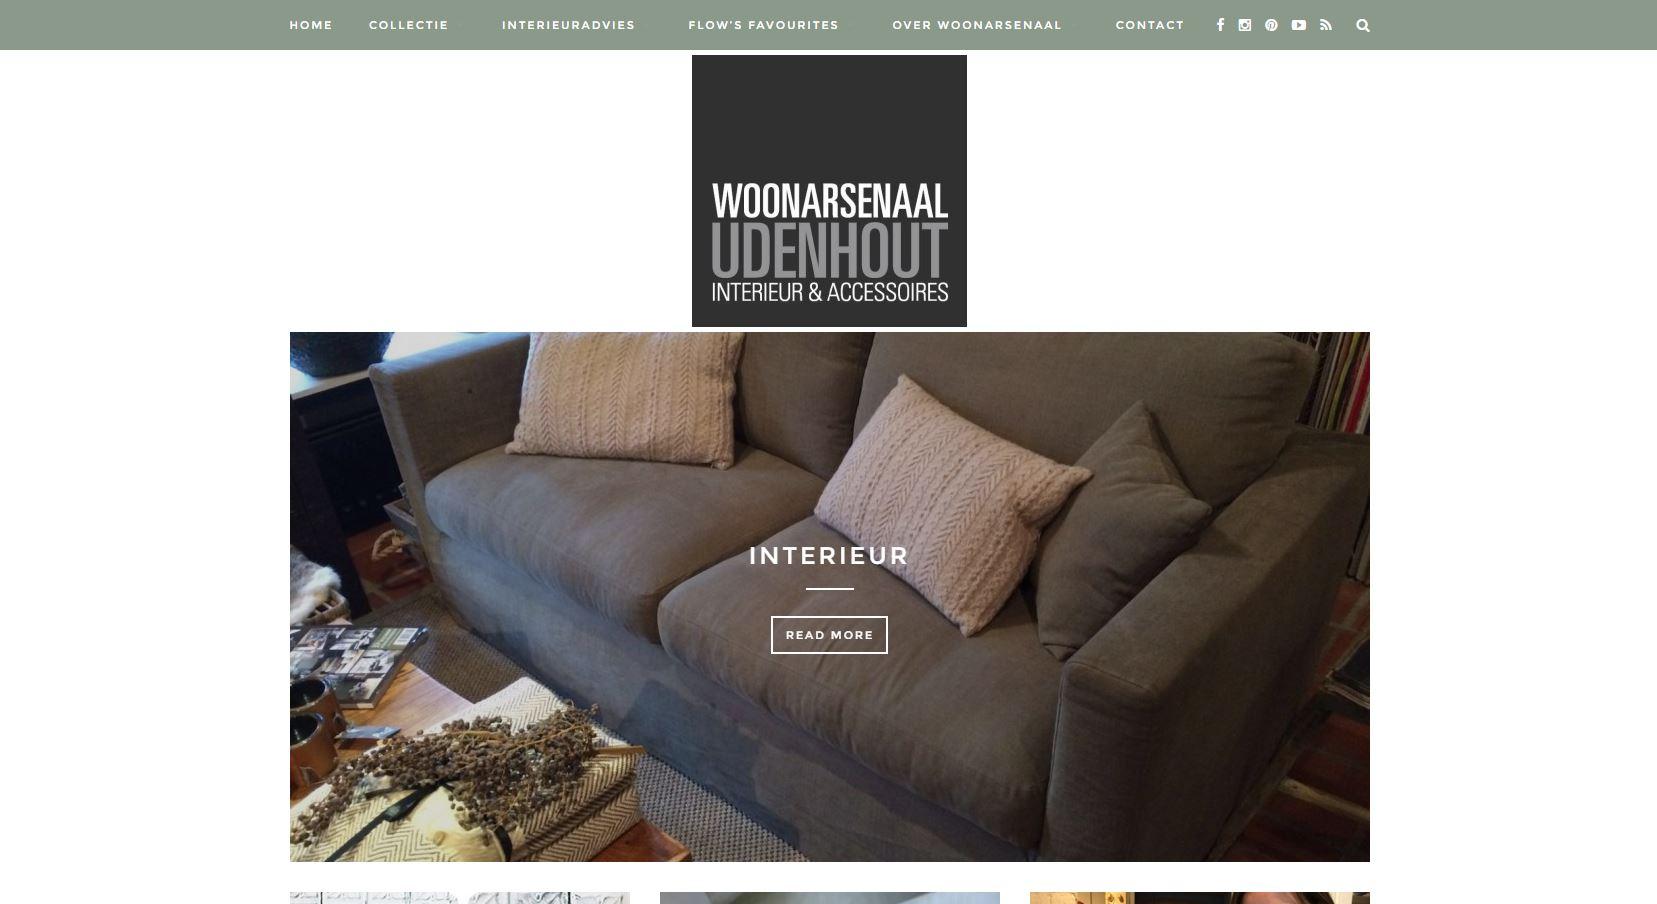 www.woonarsenaal.nl